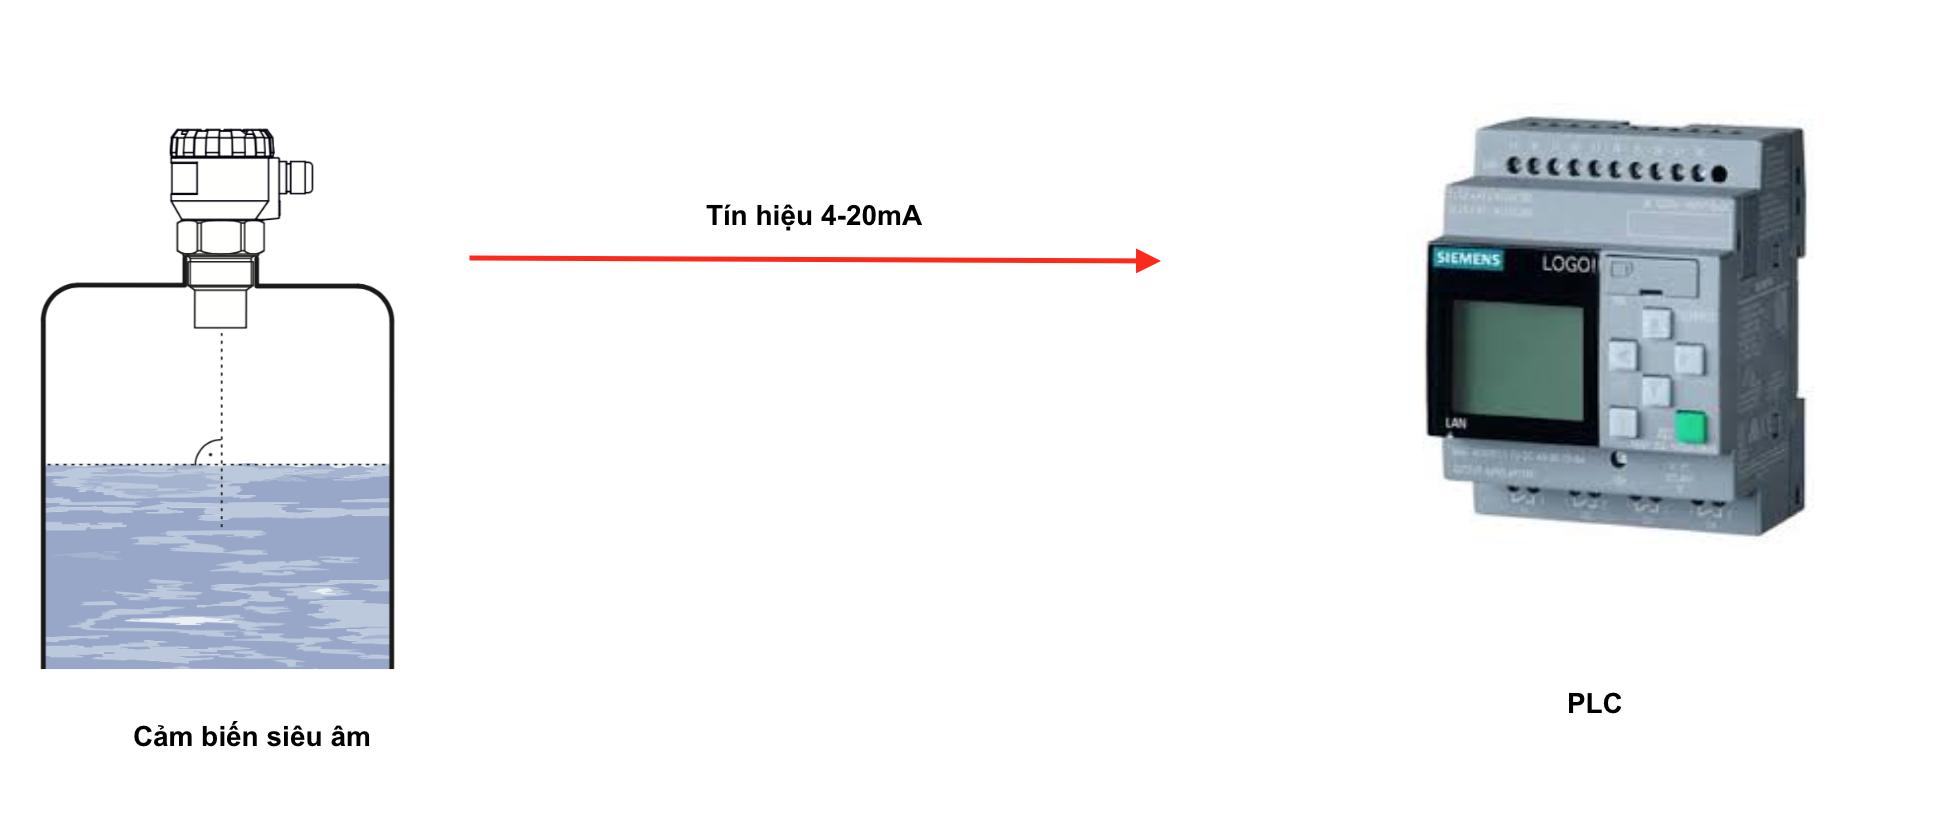 Đưa tín hiệu đo mức siêu âm về PLC